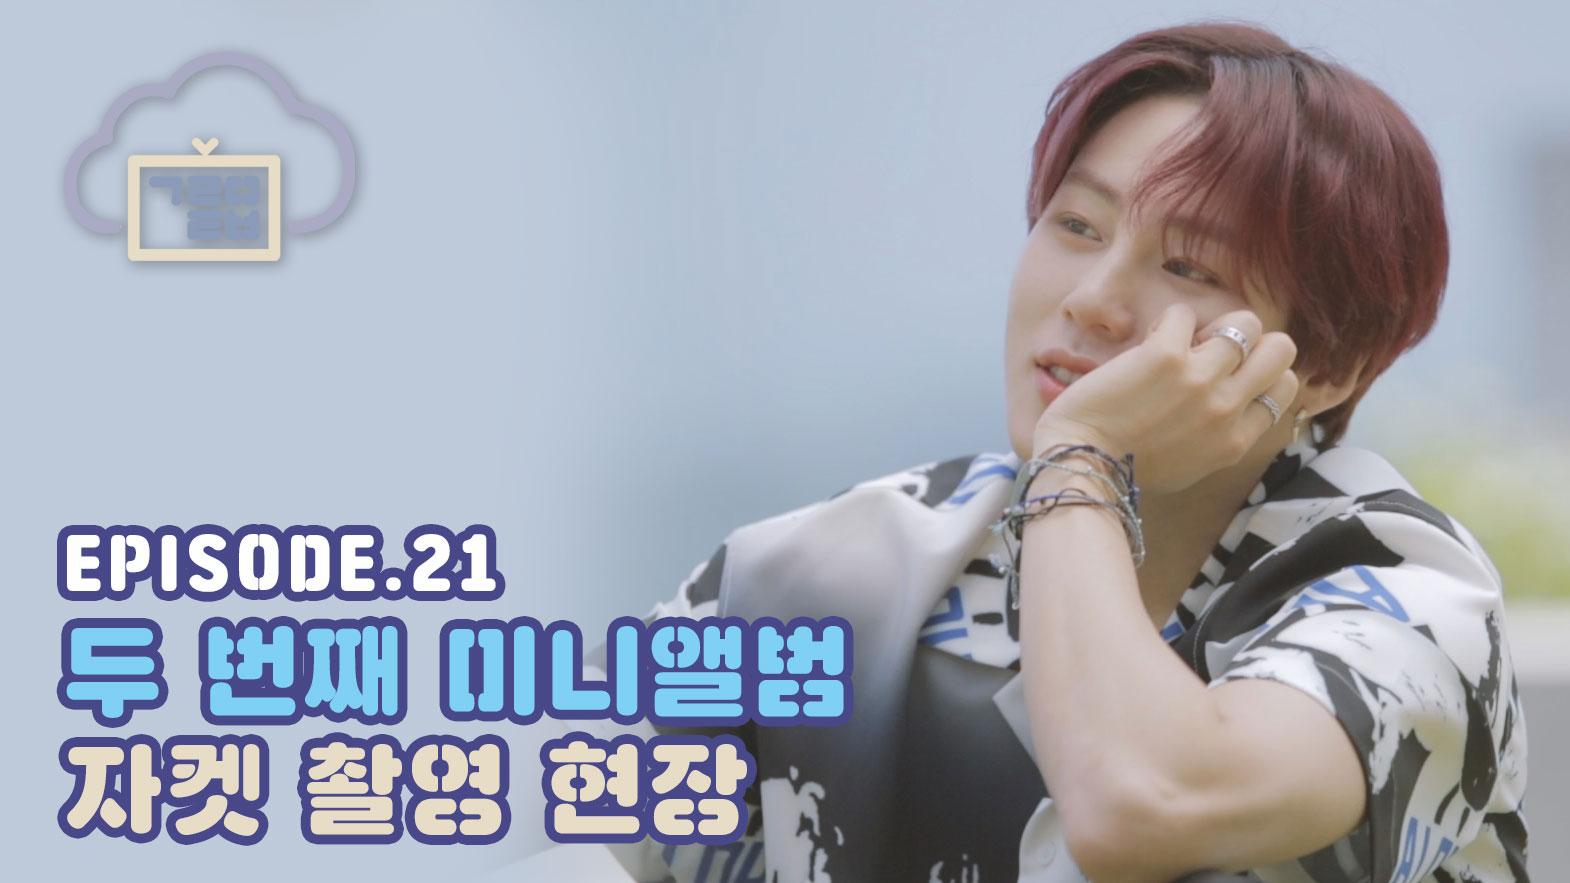 [구르미TV] EP.21 두 번째 미니앨범 'BXXX' 자켓 촬영 현장